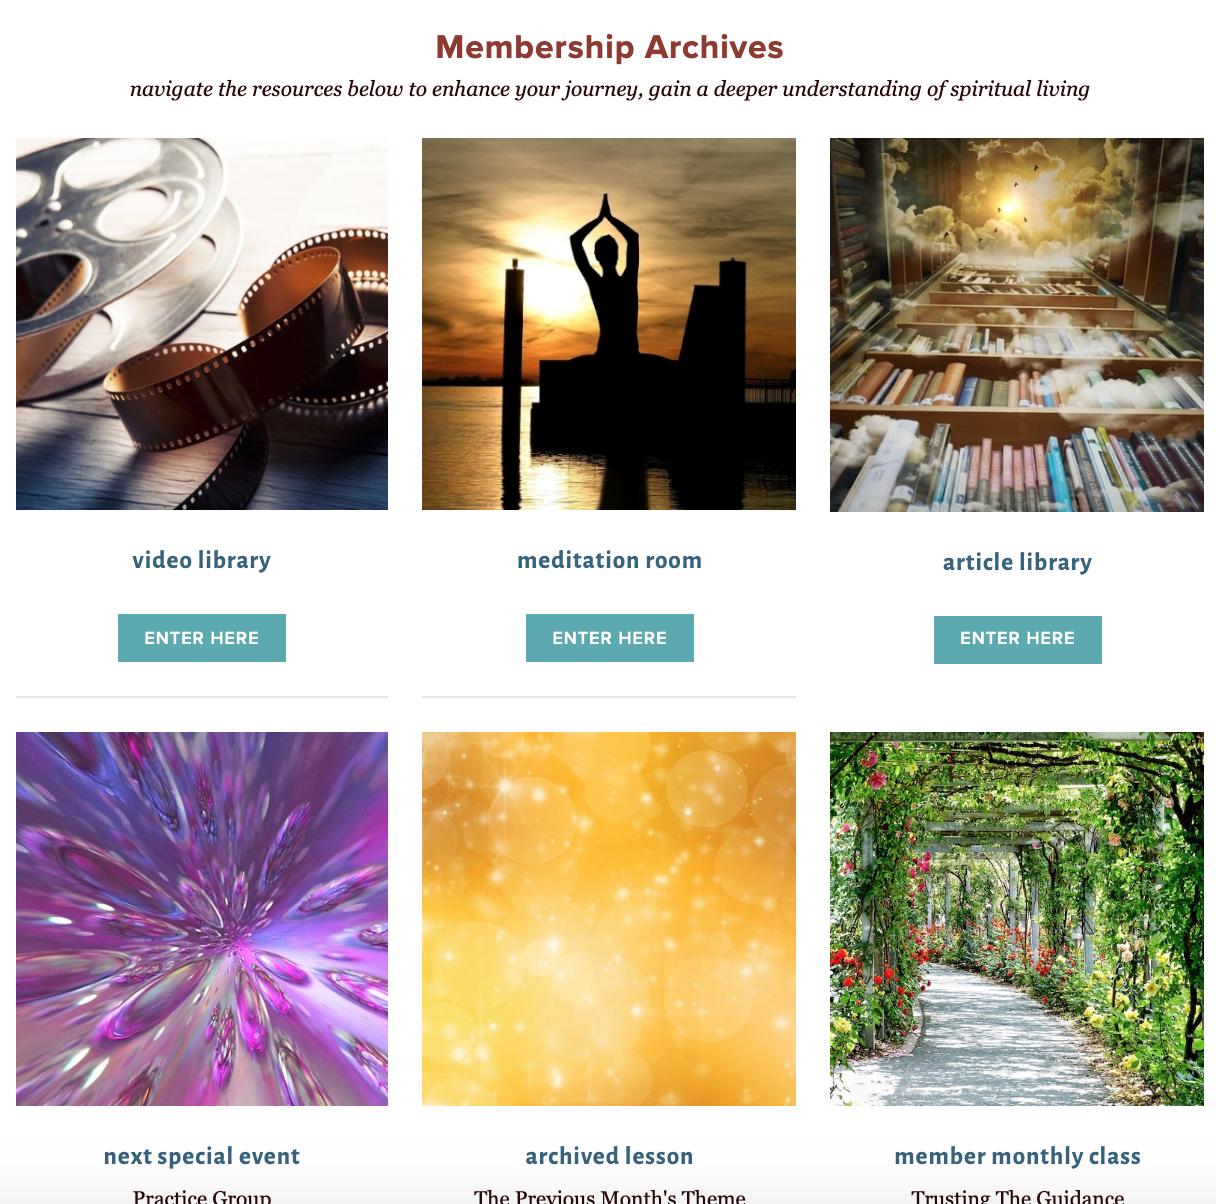 The-Member-Center-Archives